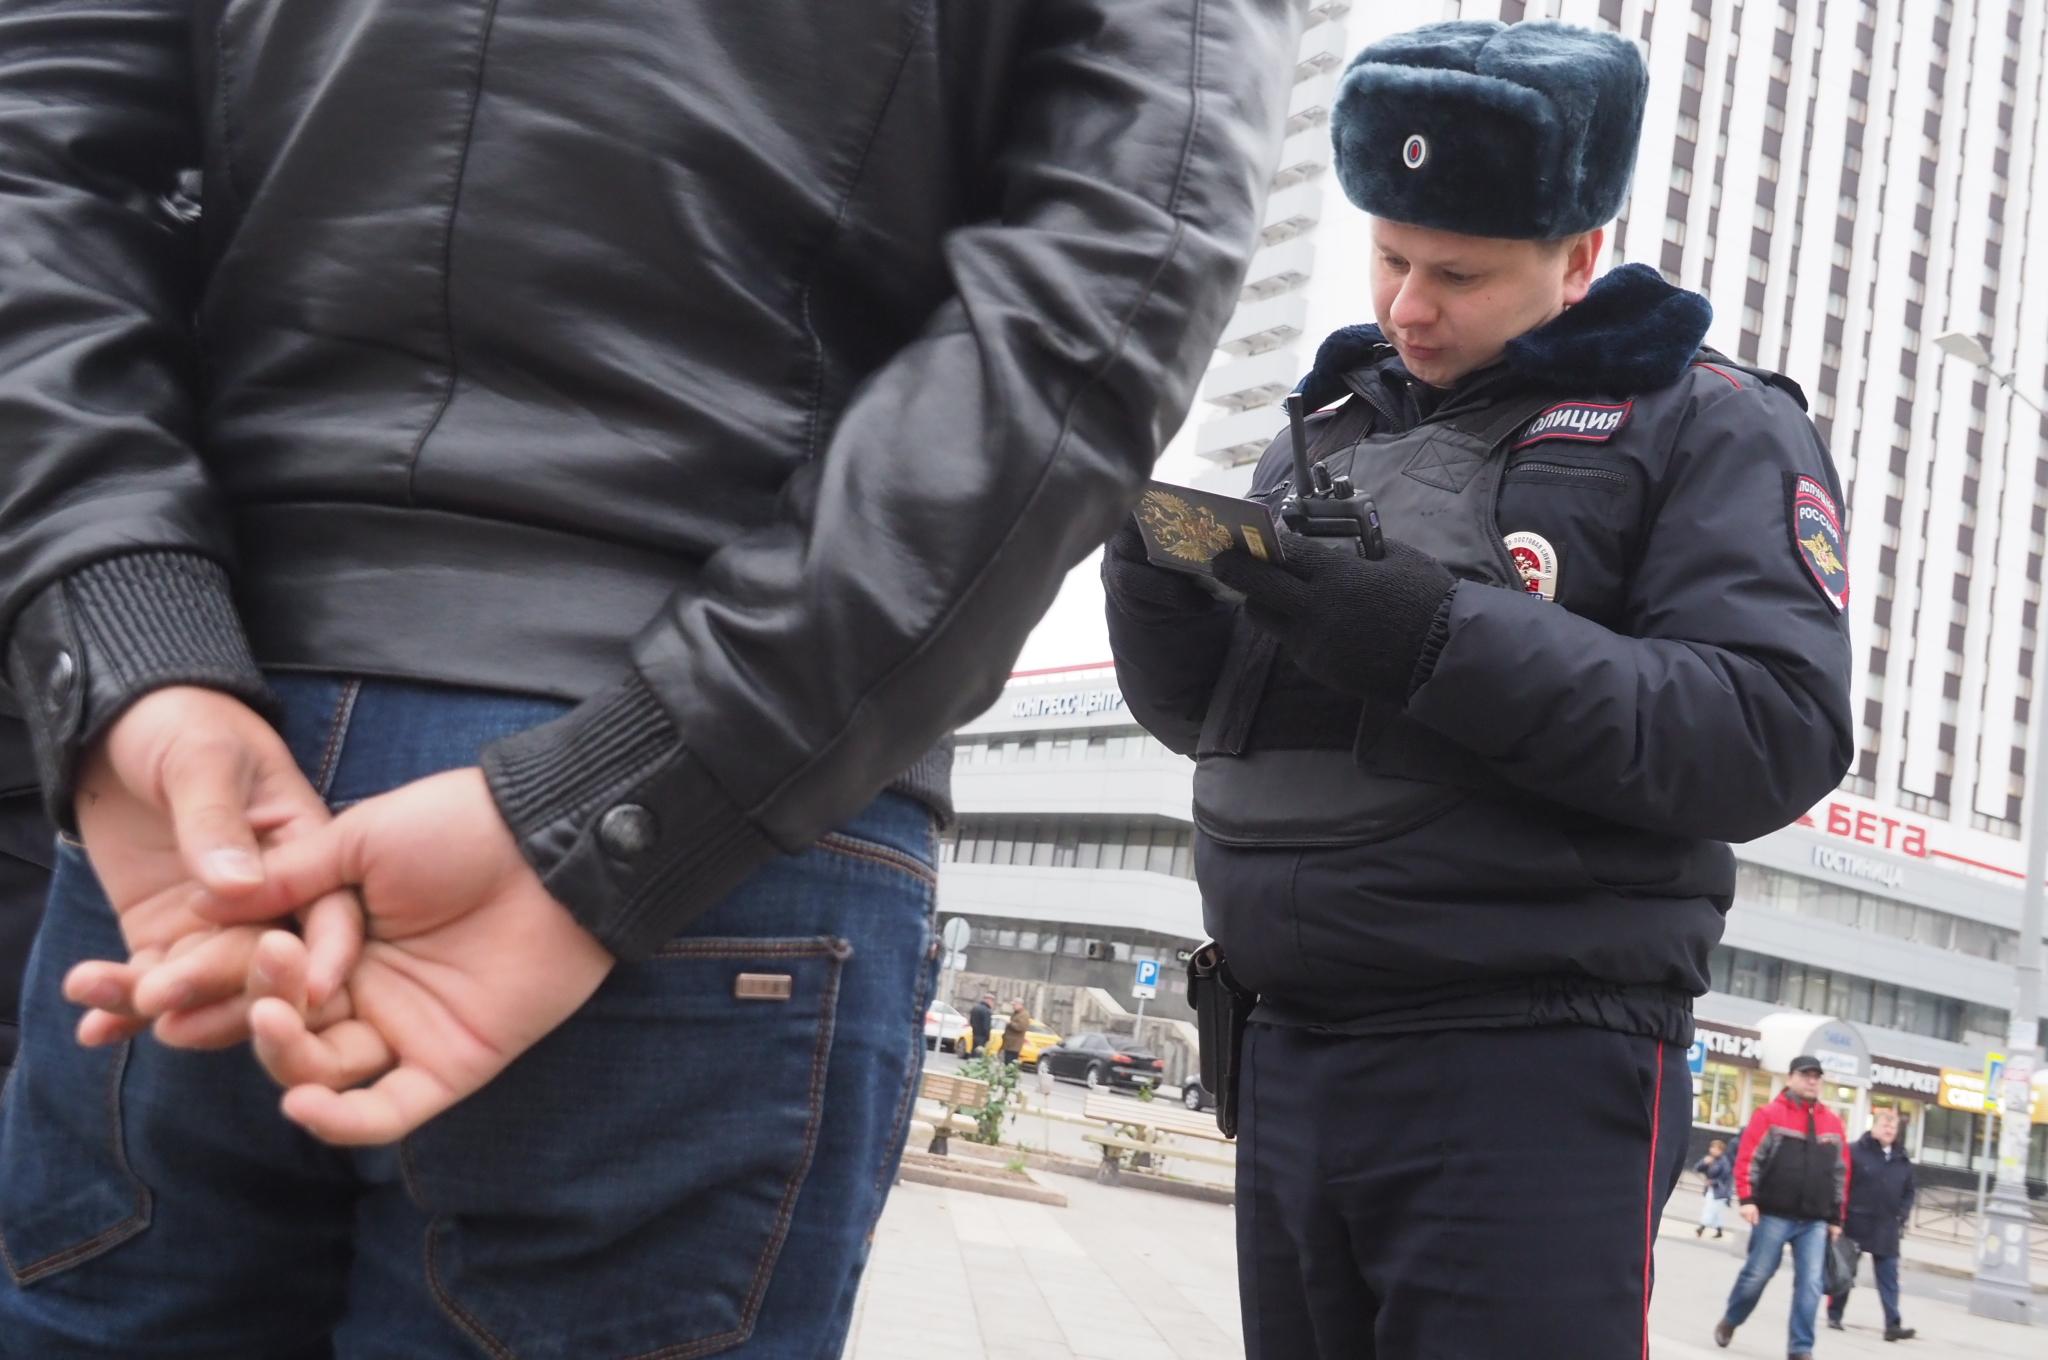 Оперативники Центрального округа столицы задержали подозреваемого в хищении дорогостоящих часов путем мошенничества